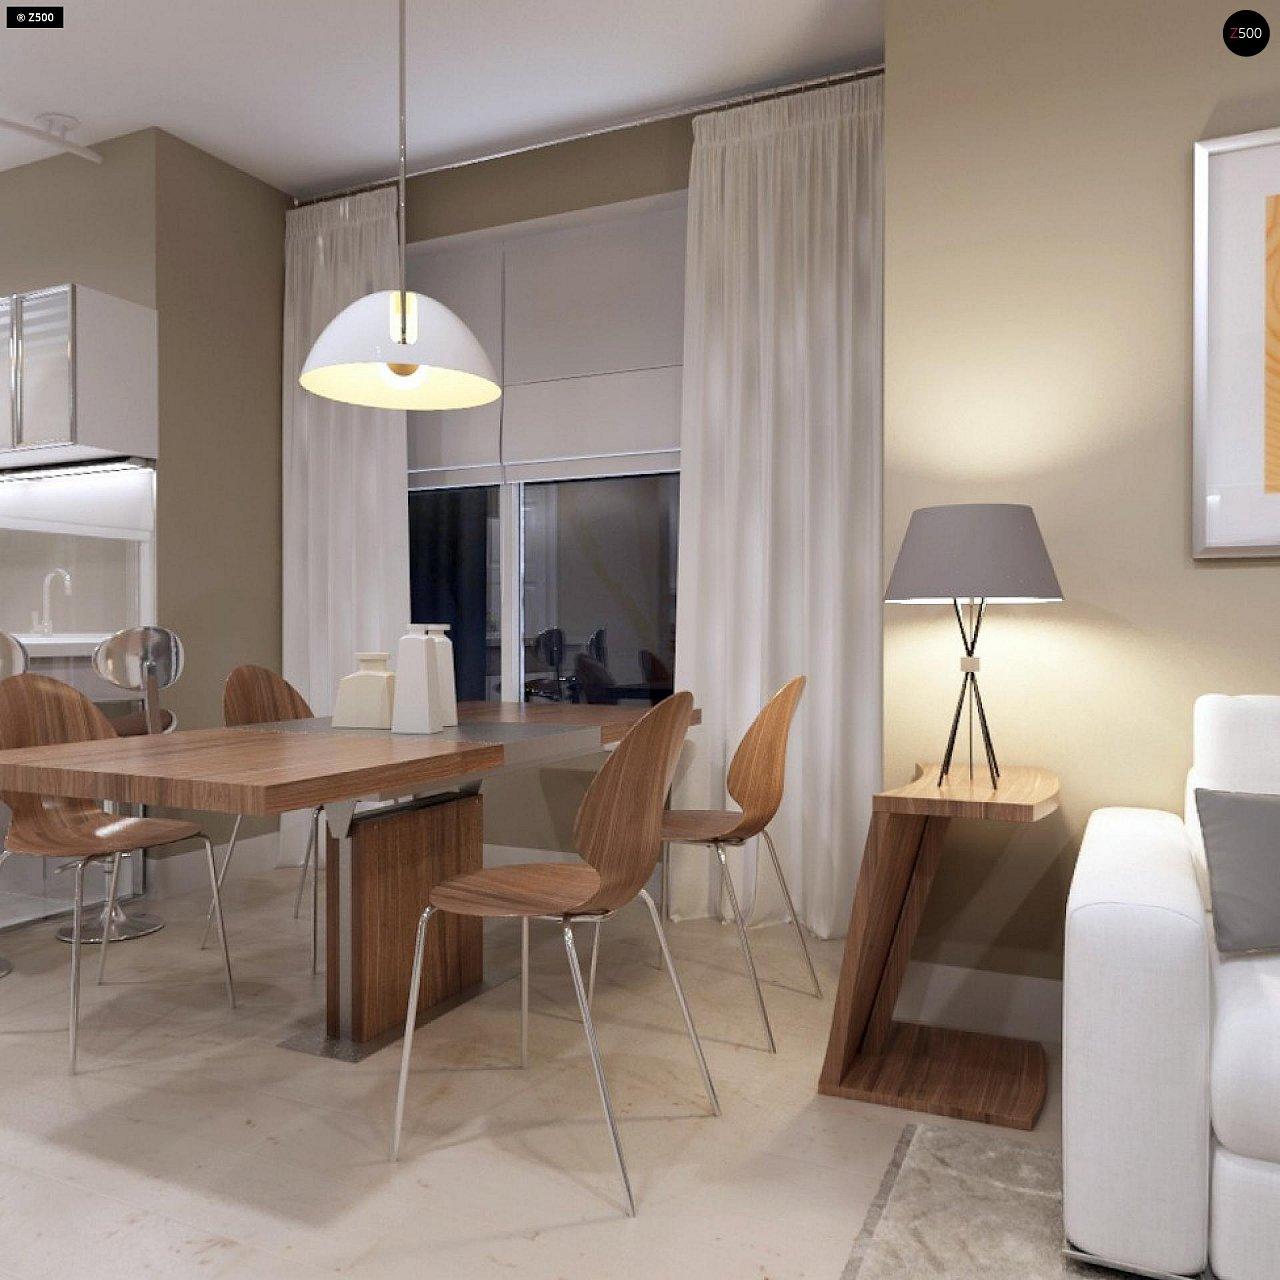 Компактный дом с мансардой, эркером в дневной зоне и c кабинетом на первом этаже. 8